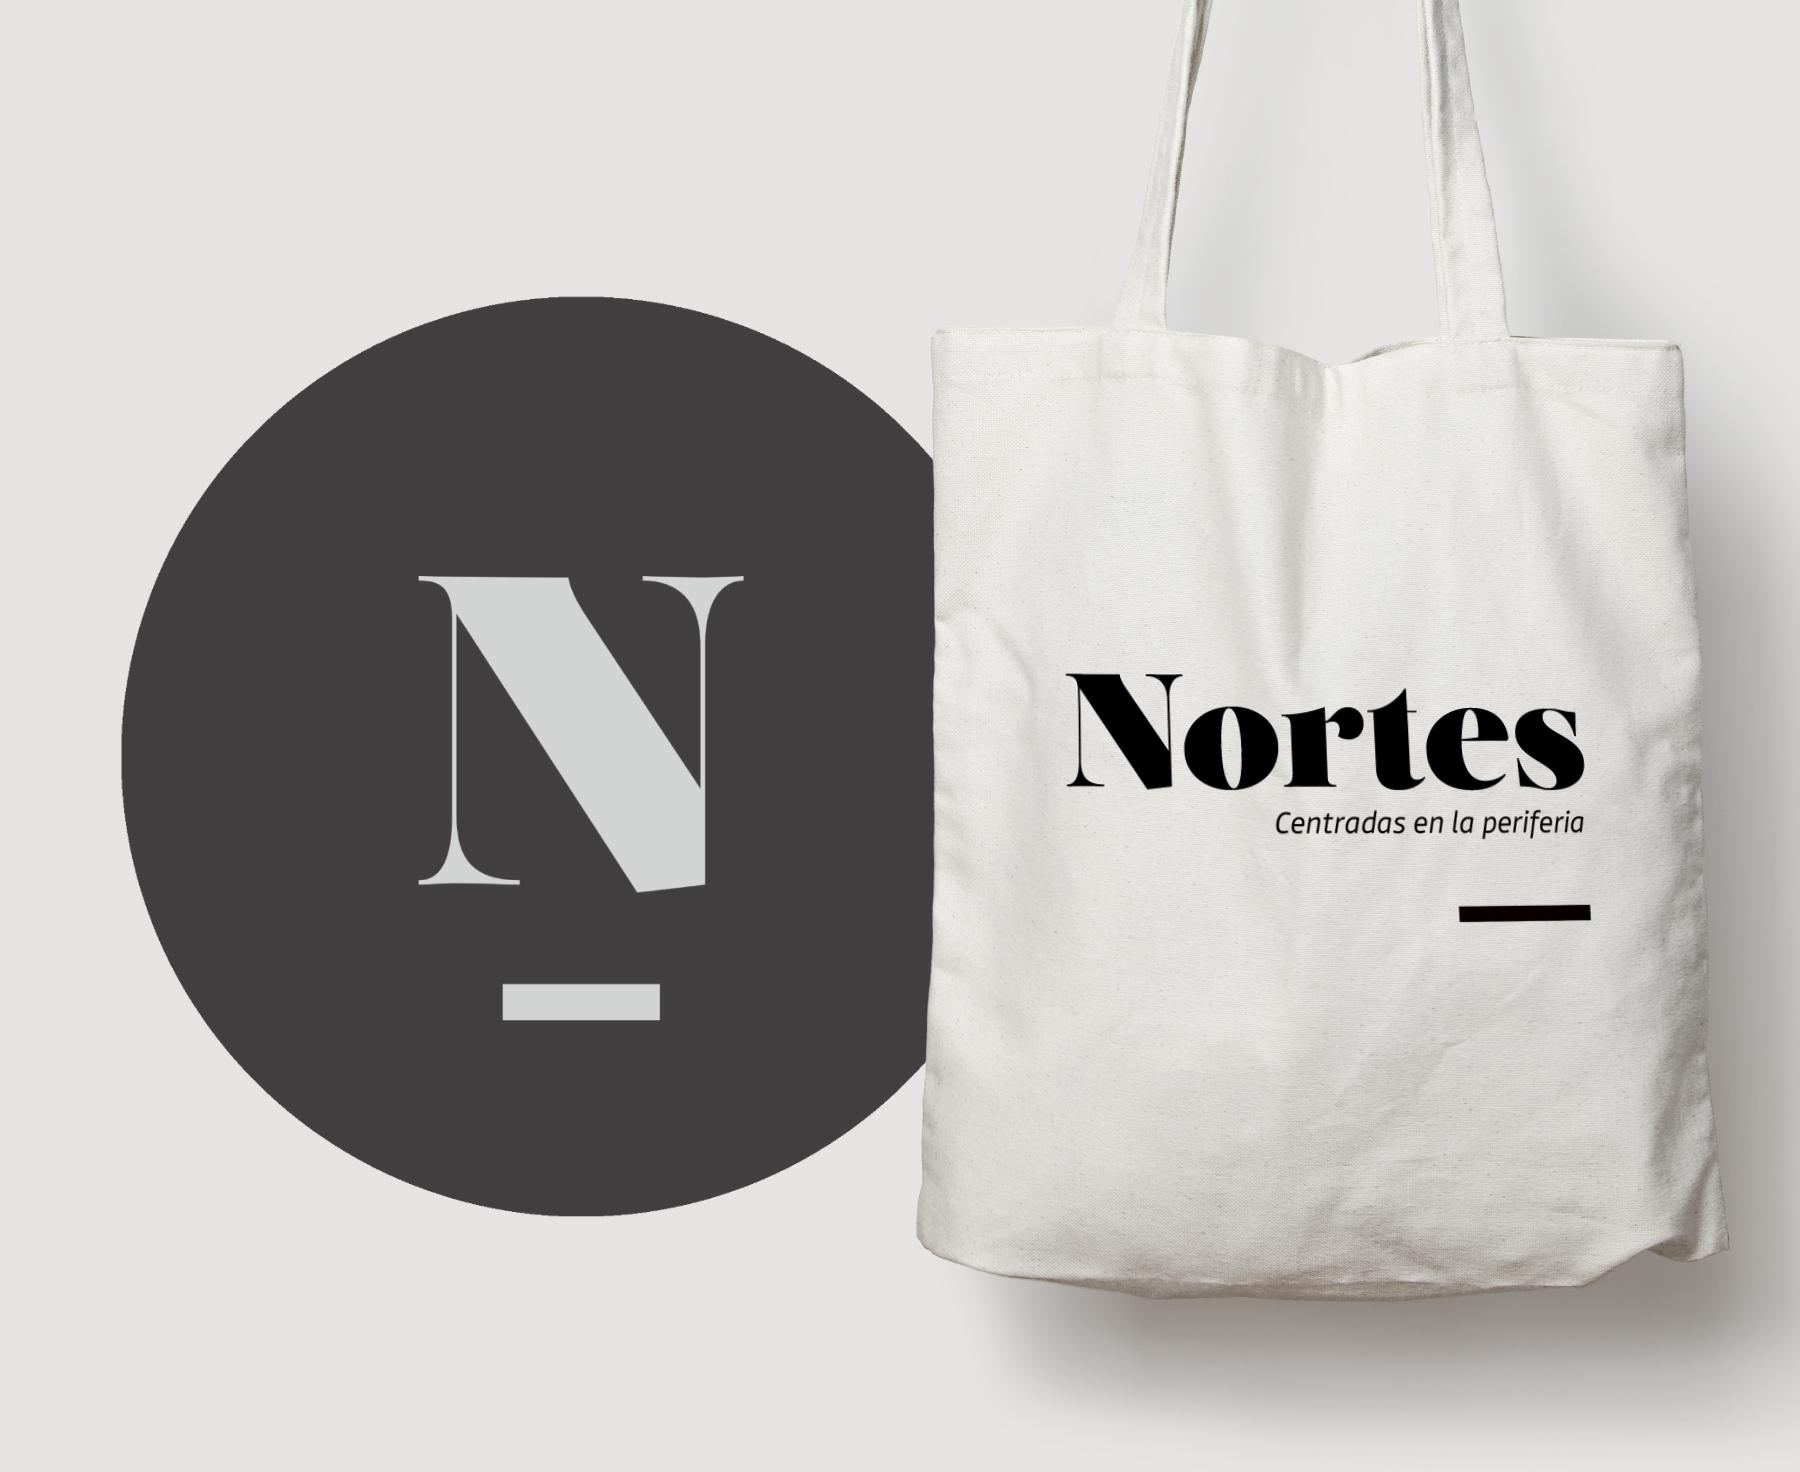 Nortes